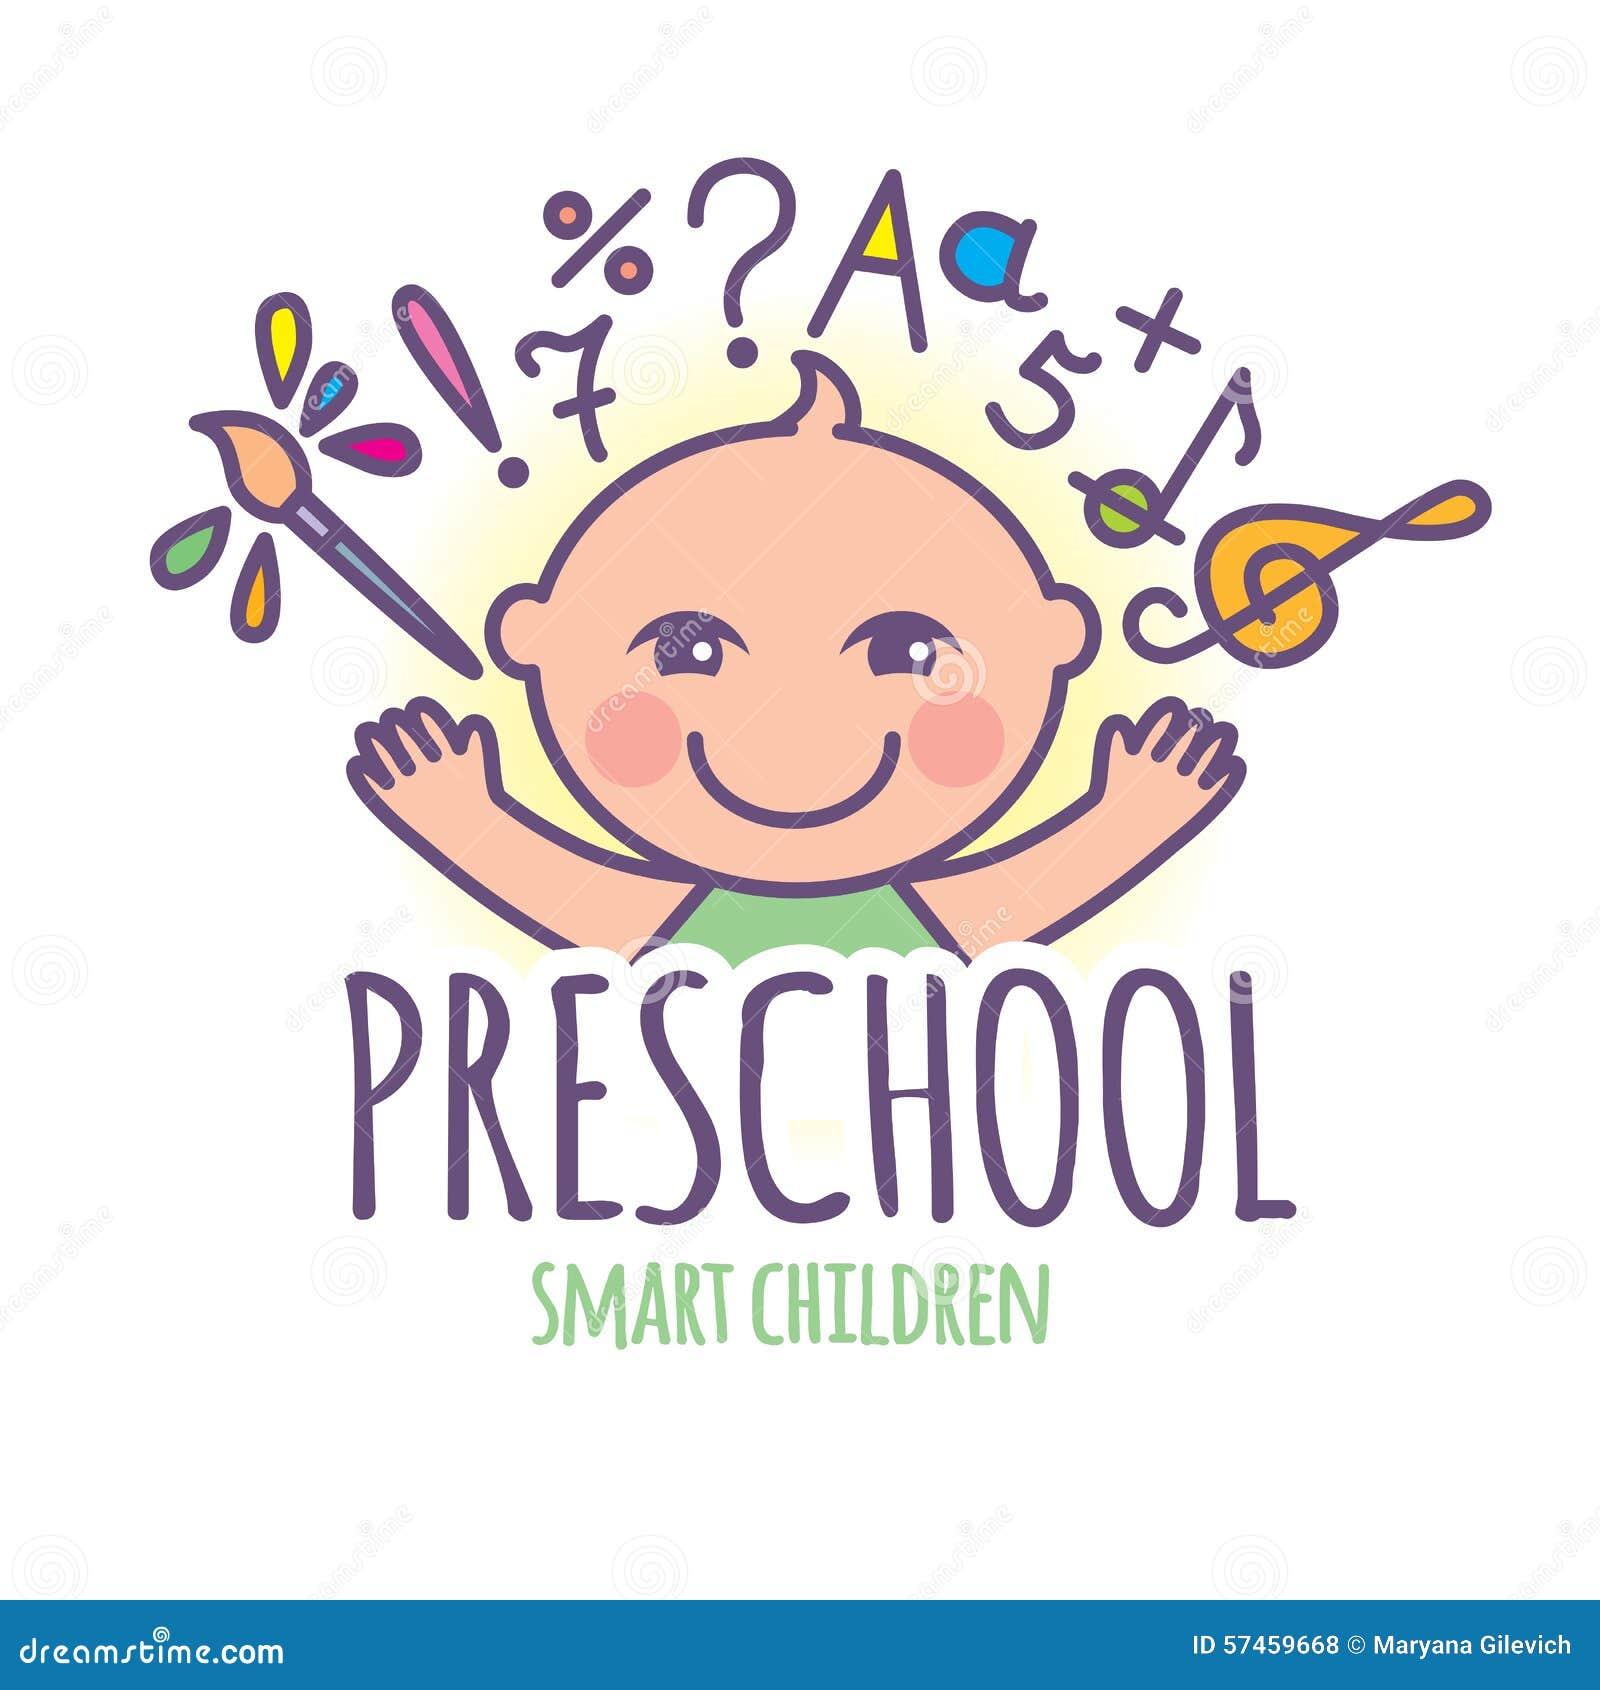 preschool logos preschool logo stock vector image of children 110